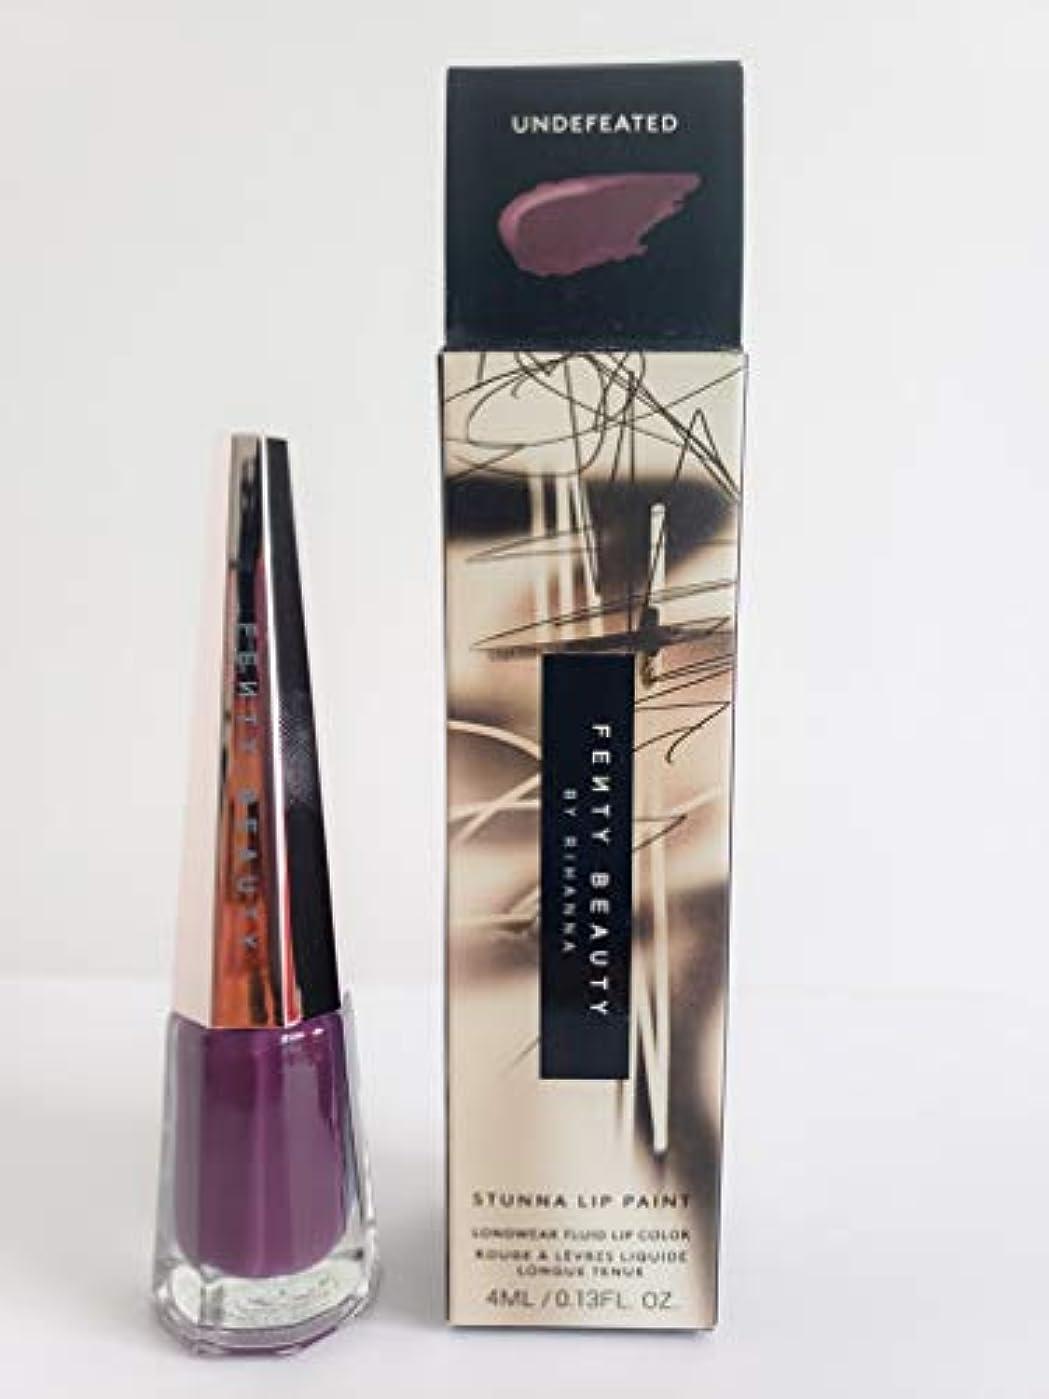 誓い人に関する限り信じるFENTY BEAUTY BY RIHANNA Stunna Lip Paint Longwear Fluid Lip Color (Undefeated)